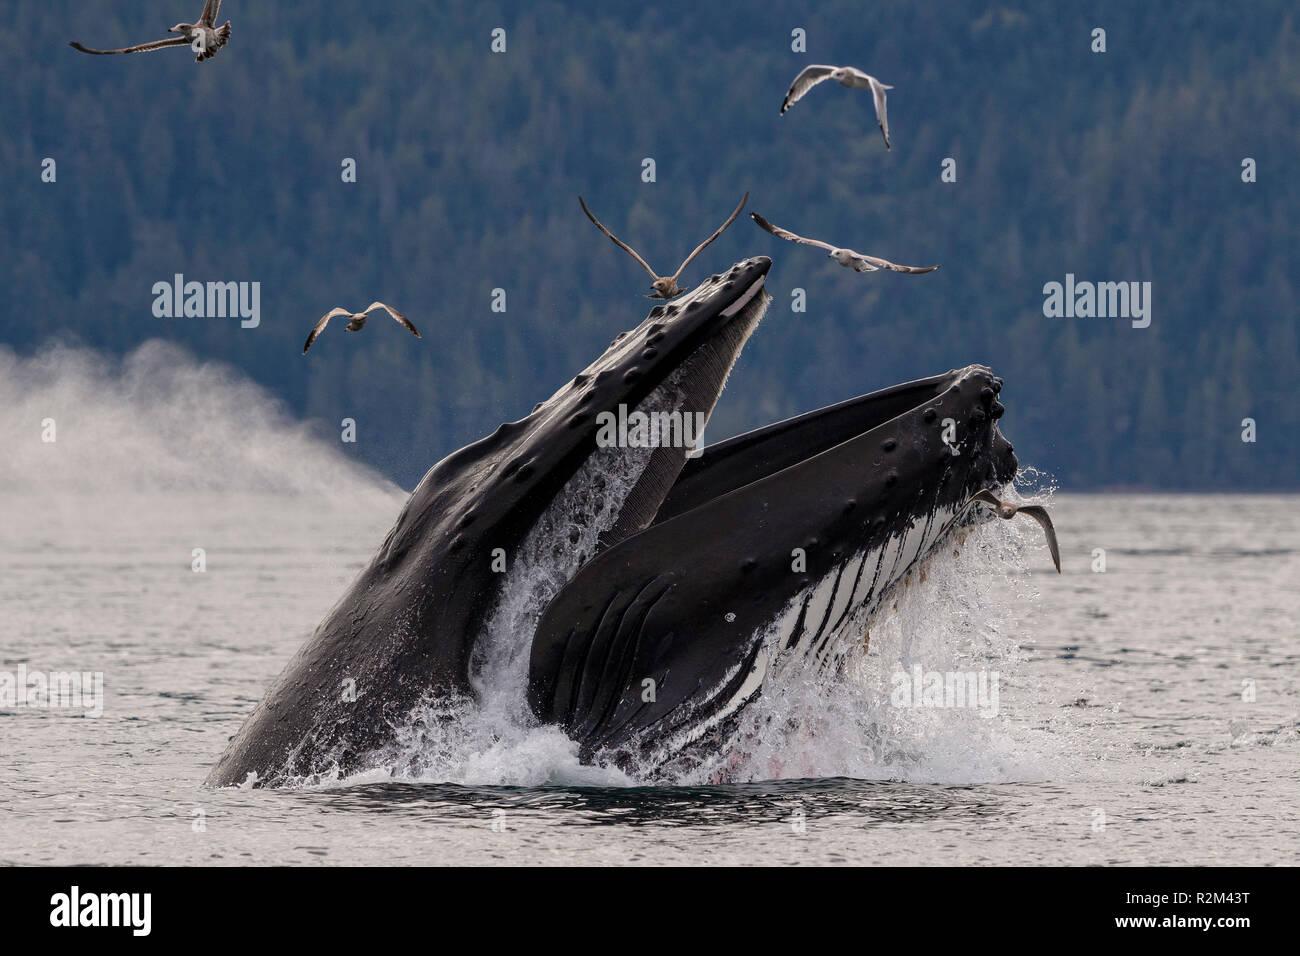 Baleine à bosse (Megaptera novaeangliae) sur une jambe dans l'alimentation de l'île Hanson Blackfish Sound près de l'archipel de Broughton, le territoire des Premières Nations, BRI Banque D'Images